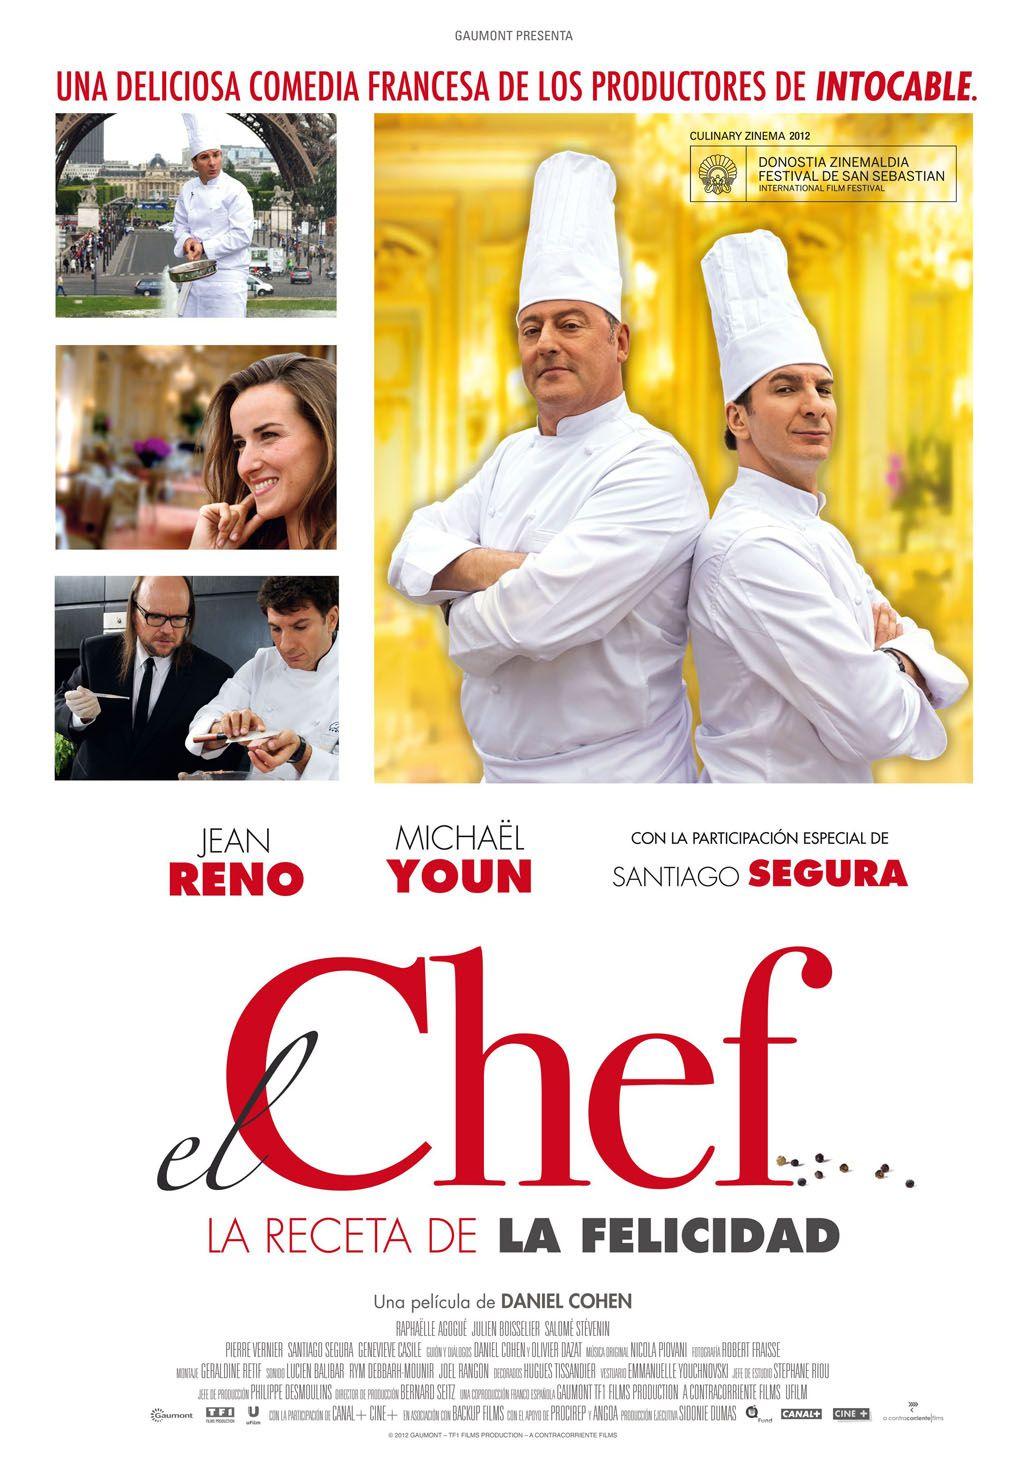 El Chef La Receta De La Felicidad Comme Un Chef 2012 Comedia Cocina Director Daniel Cohen Reparto Jean Reno Y Michael Youn Pais Francia